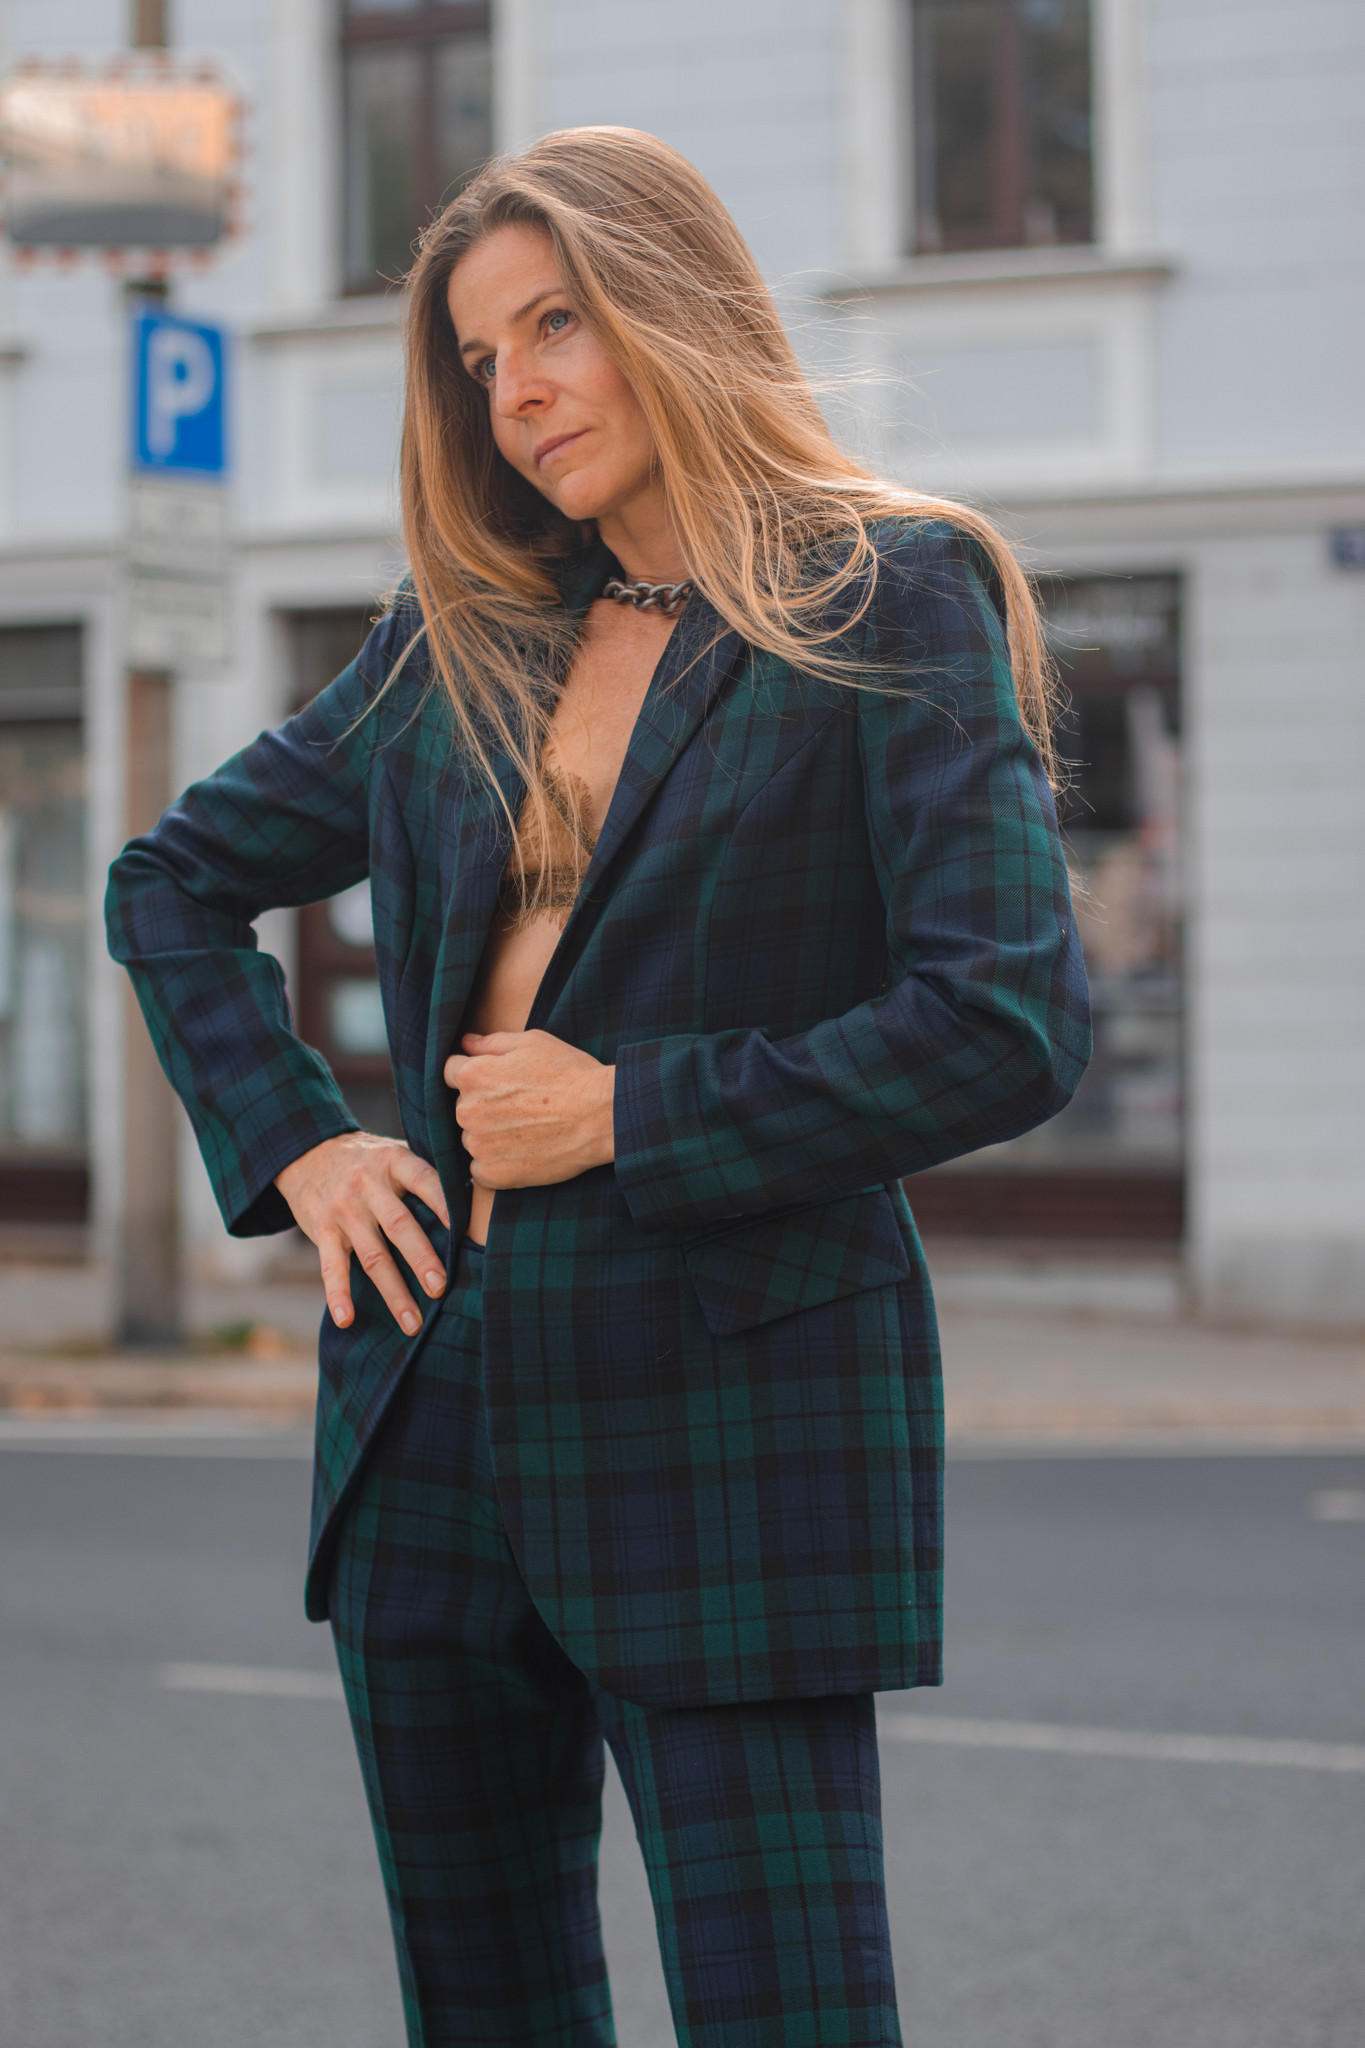 Marynarka SUIT? CHECKE(ER)! wełniana marynarka damska marynarka w kratę polski projektant - Renegade   JestemSlow.pl